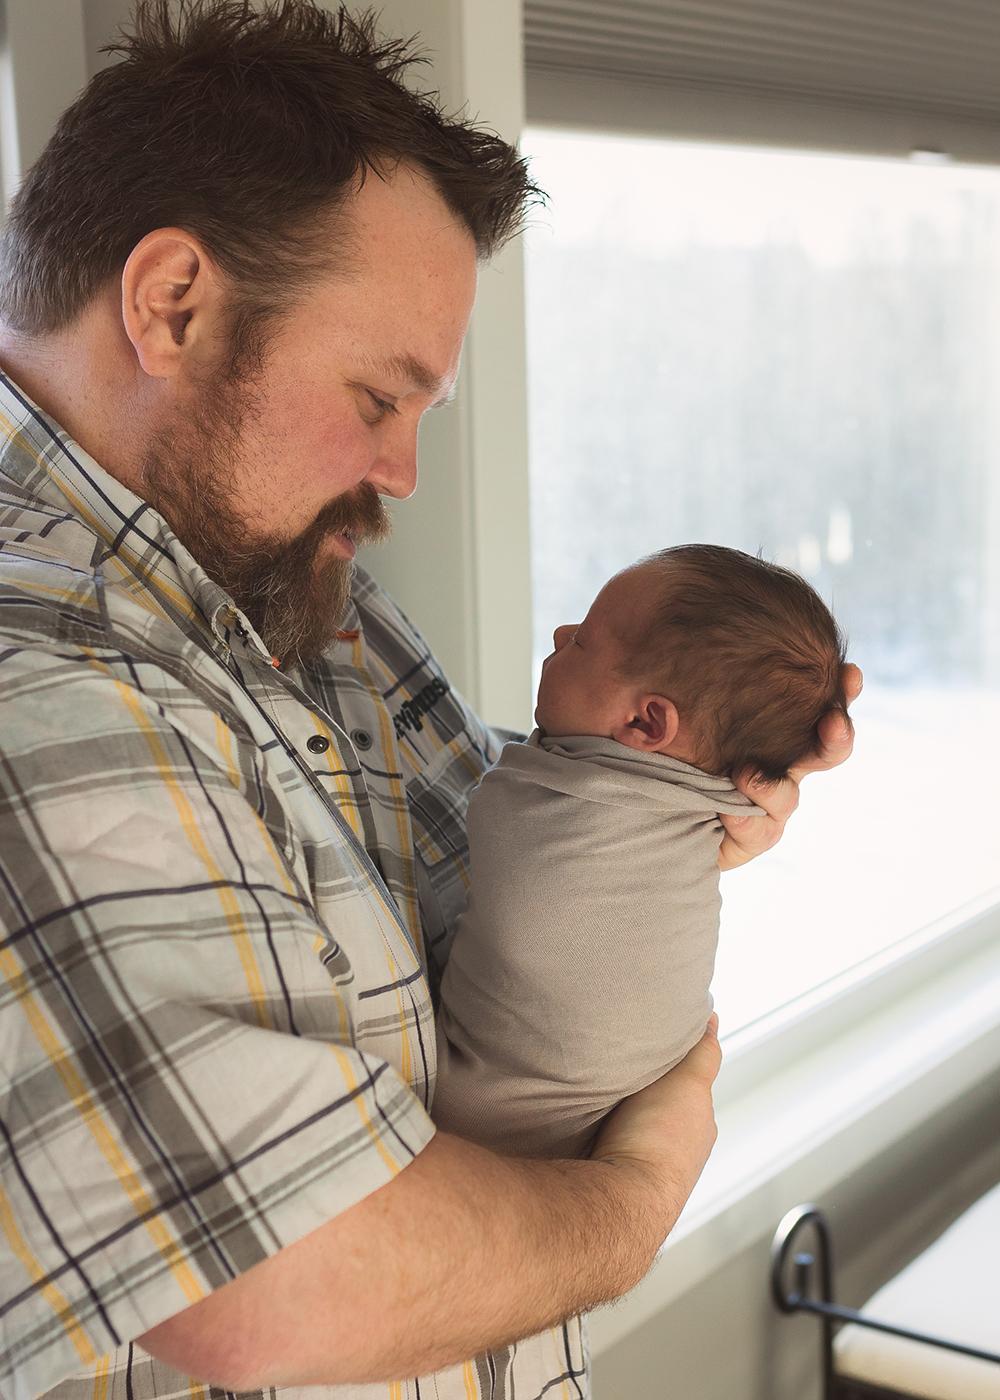 Edmonton Newborn Photographer_Baby Carter Sneak Peek 2.jpg